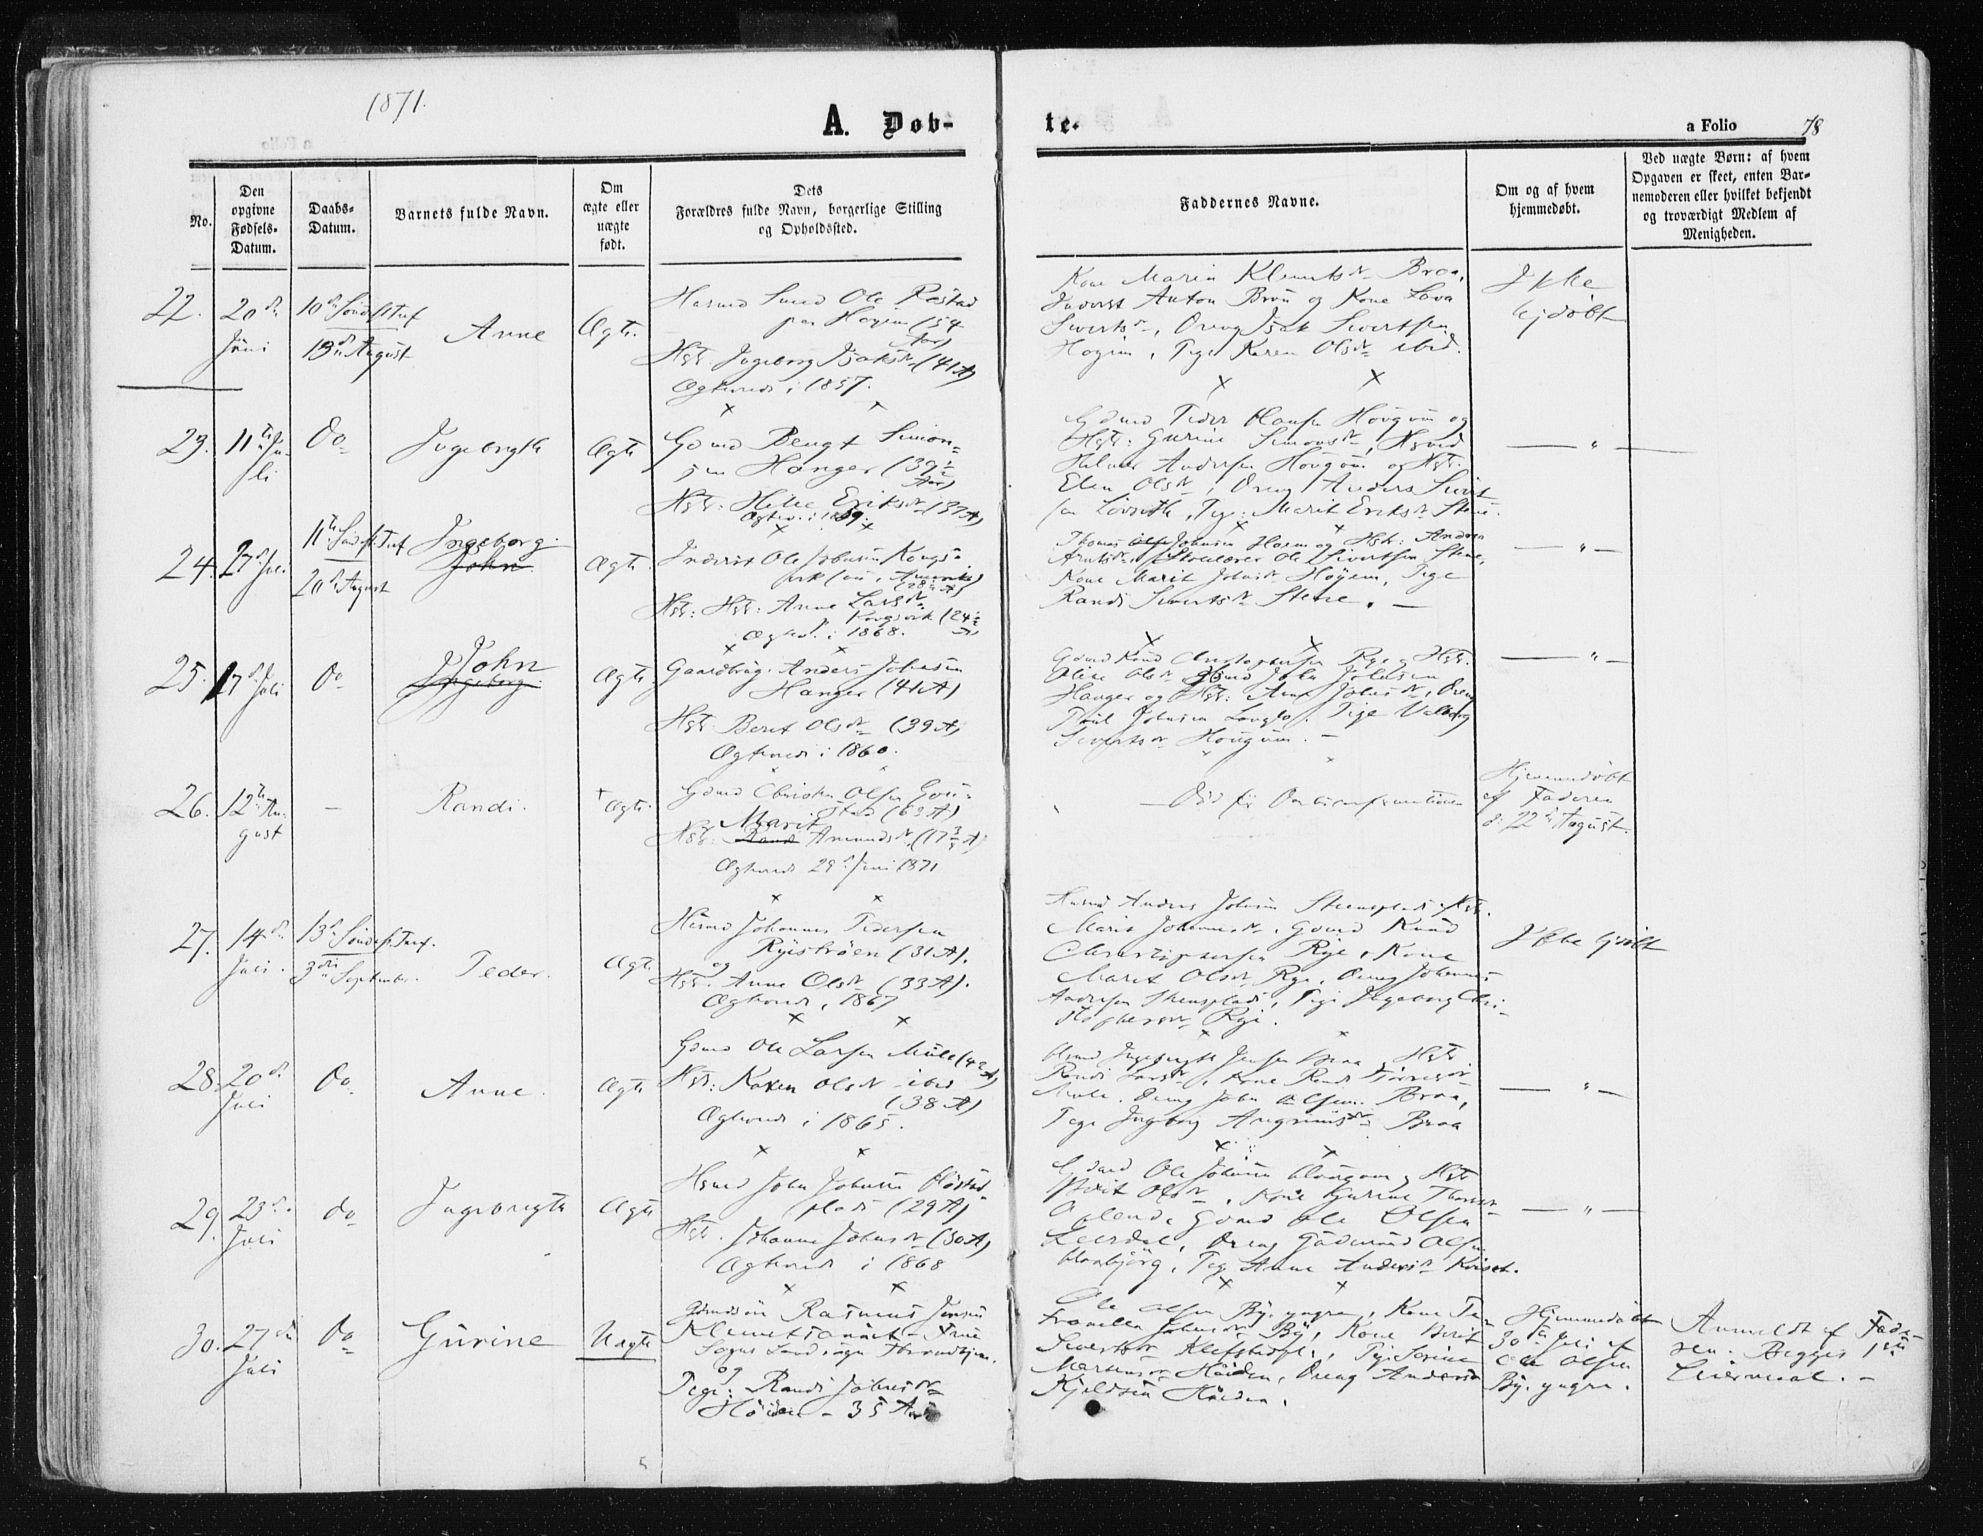 SAT, Ministerialprotokoller, klokkerbøker og fødselsregistre - Sør-Trøndelag, 612/L0377: Ministerialbok nr. 612A09, 1859-1877, s. 78